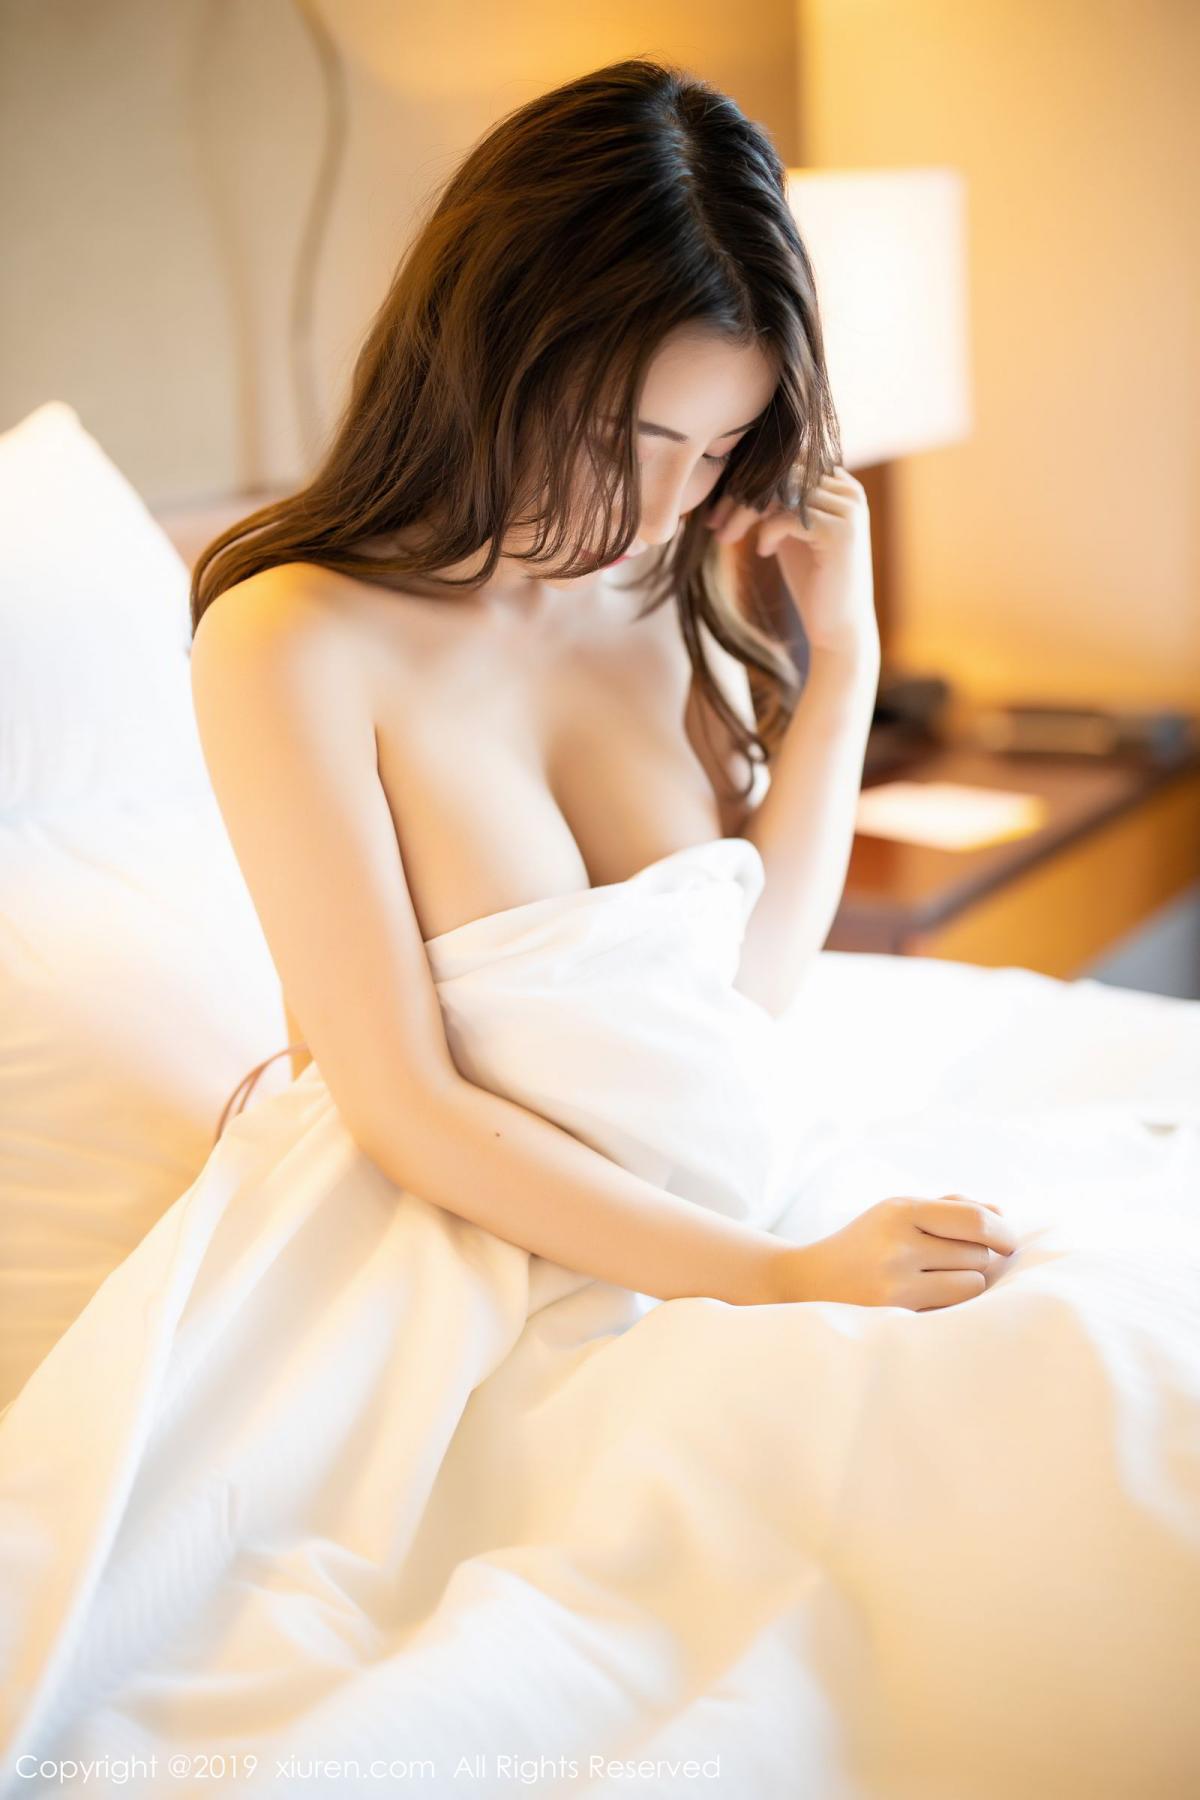 [XiaoYu] Vol.1697 Xie Zhi Xin 82P, Home, Sexy, XiaoYu, Xie Zhi Xin